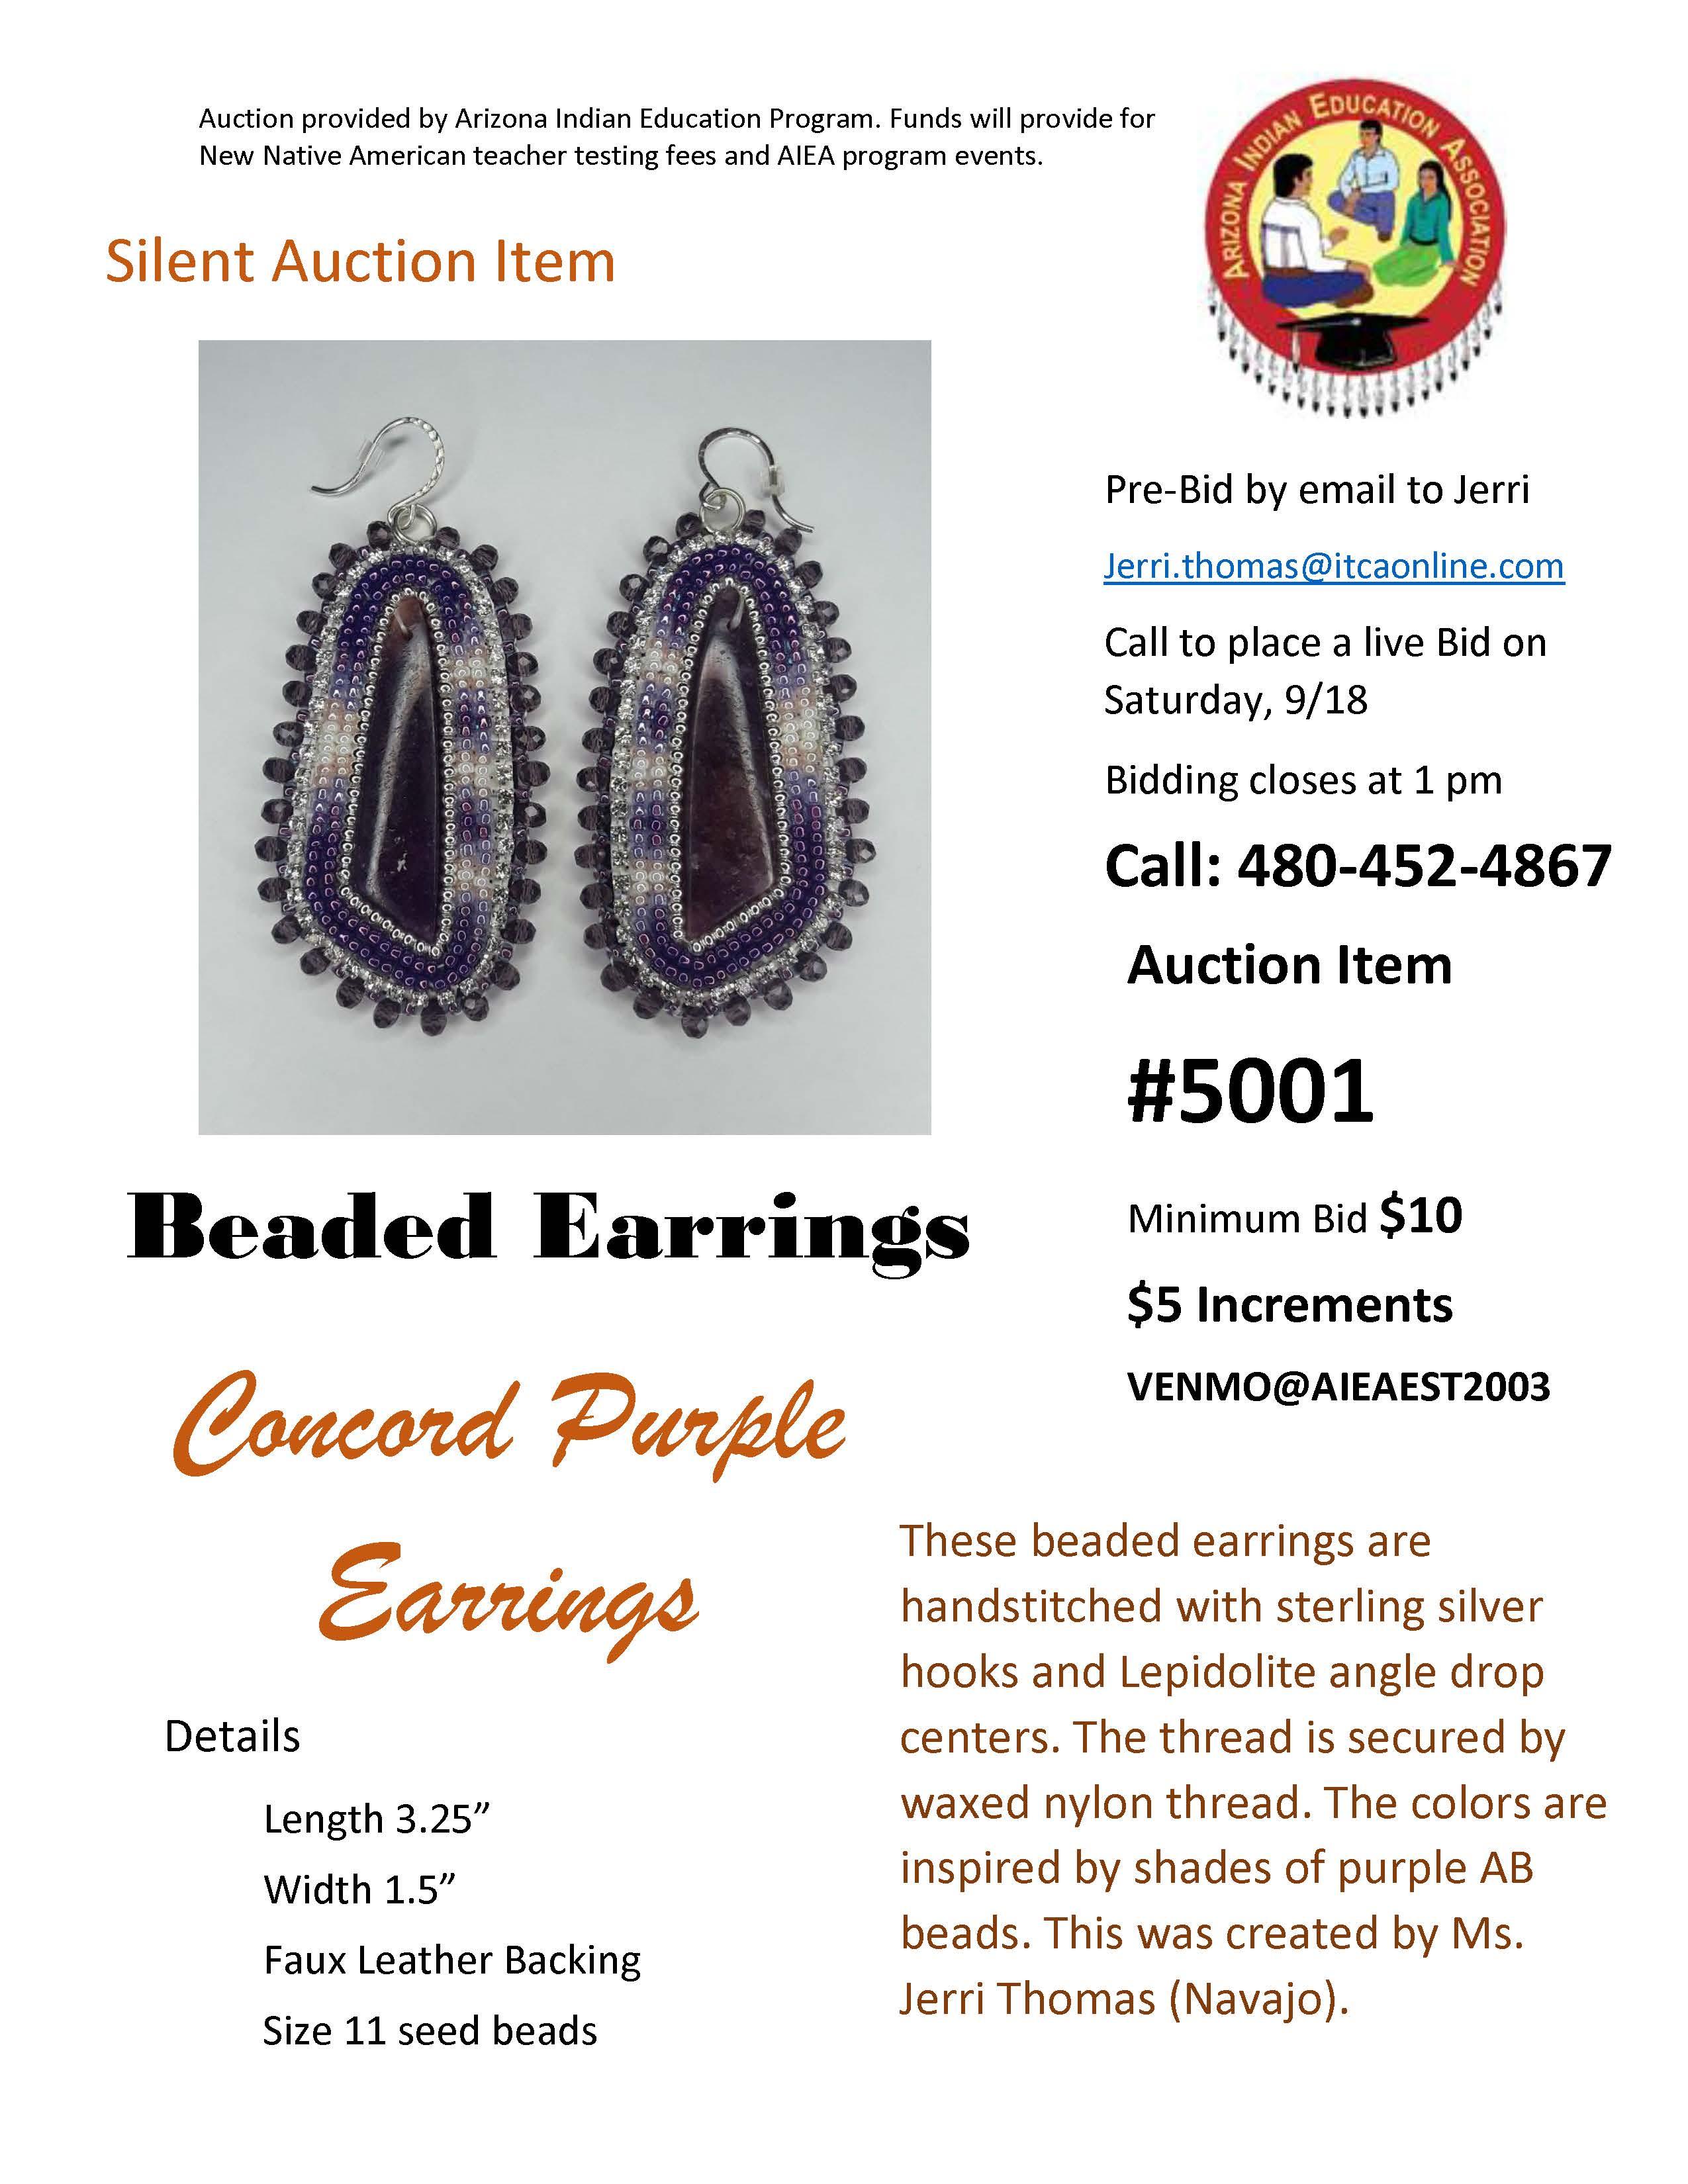 AIEA Silent Auction Item #5001